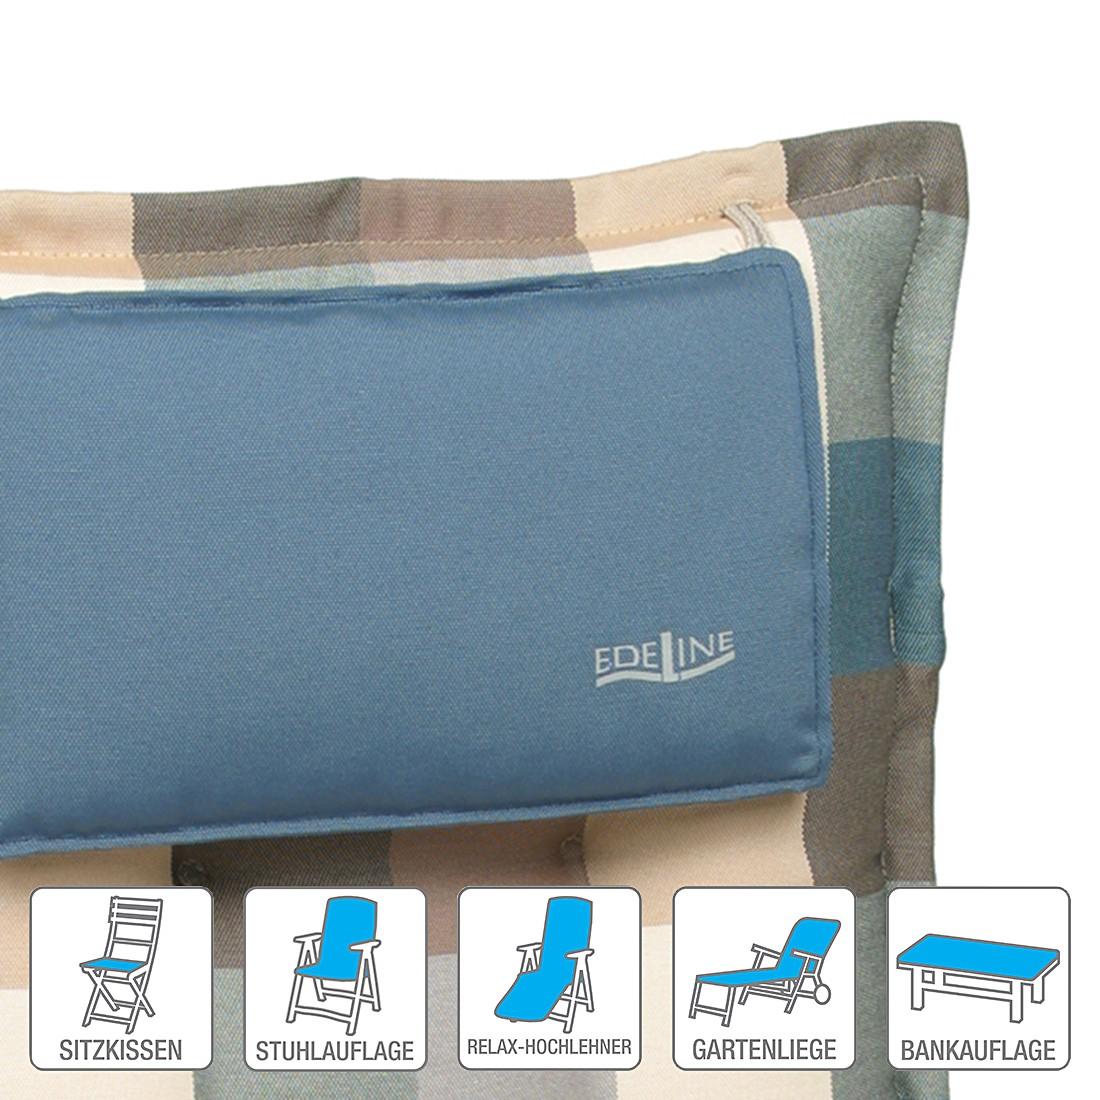 Polsterauflage Salenstein – Blau/Braun/Beige – Niederlehner (2er-Set): 52 x 102 cm, Go-De günstig kaufen